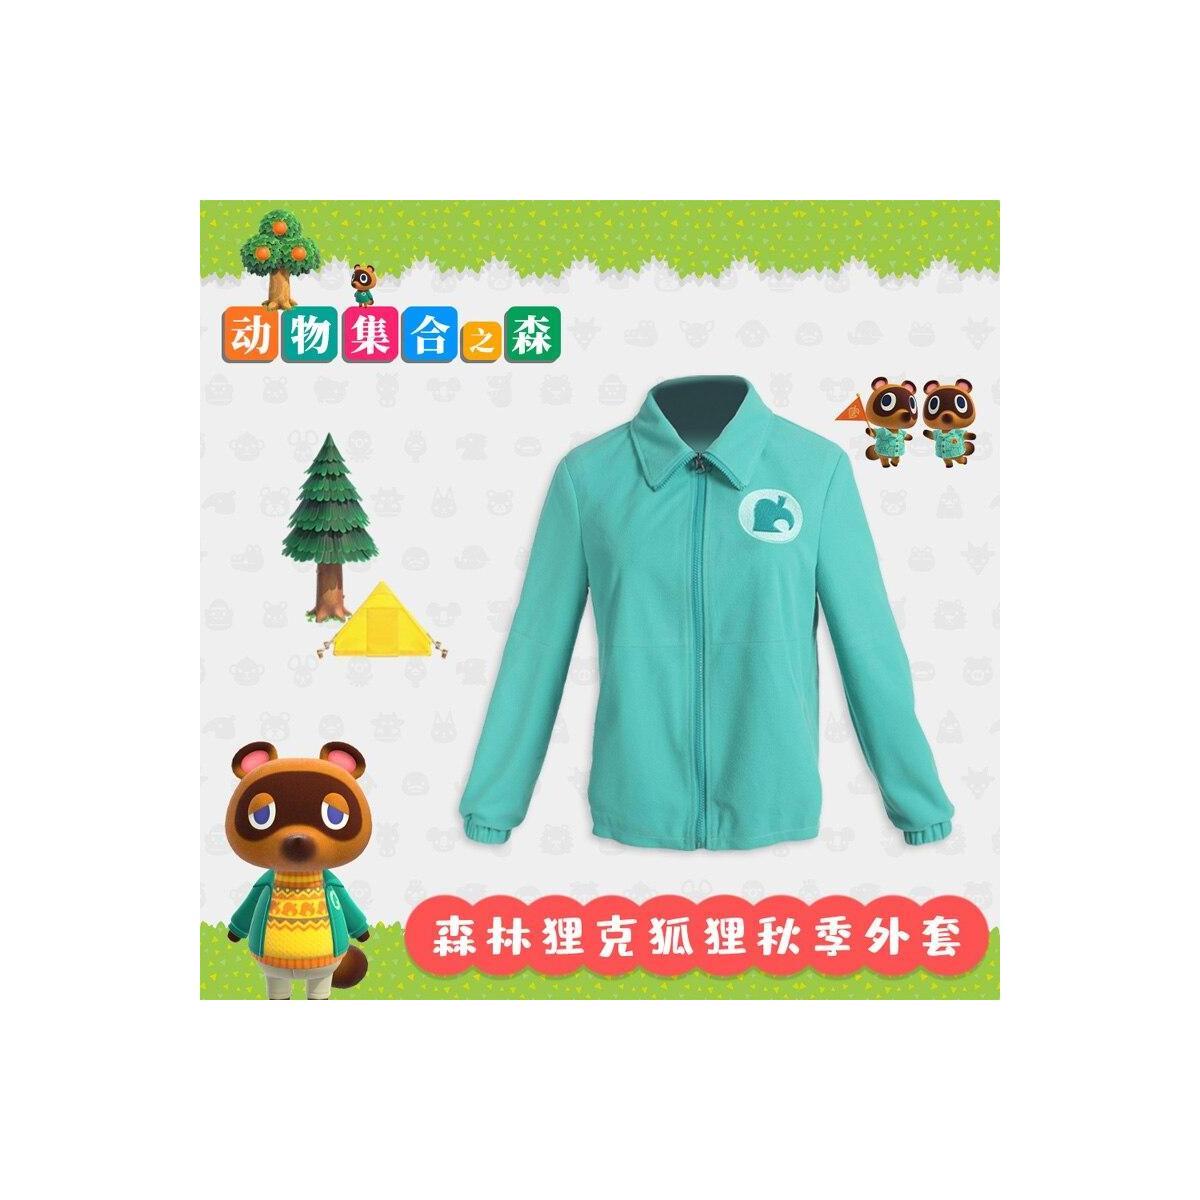 Animal Crossing Zip Up Fleece Jacket, Zipper Coat Green / L